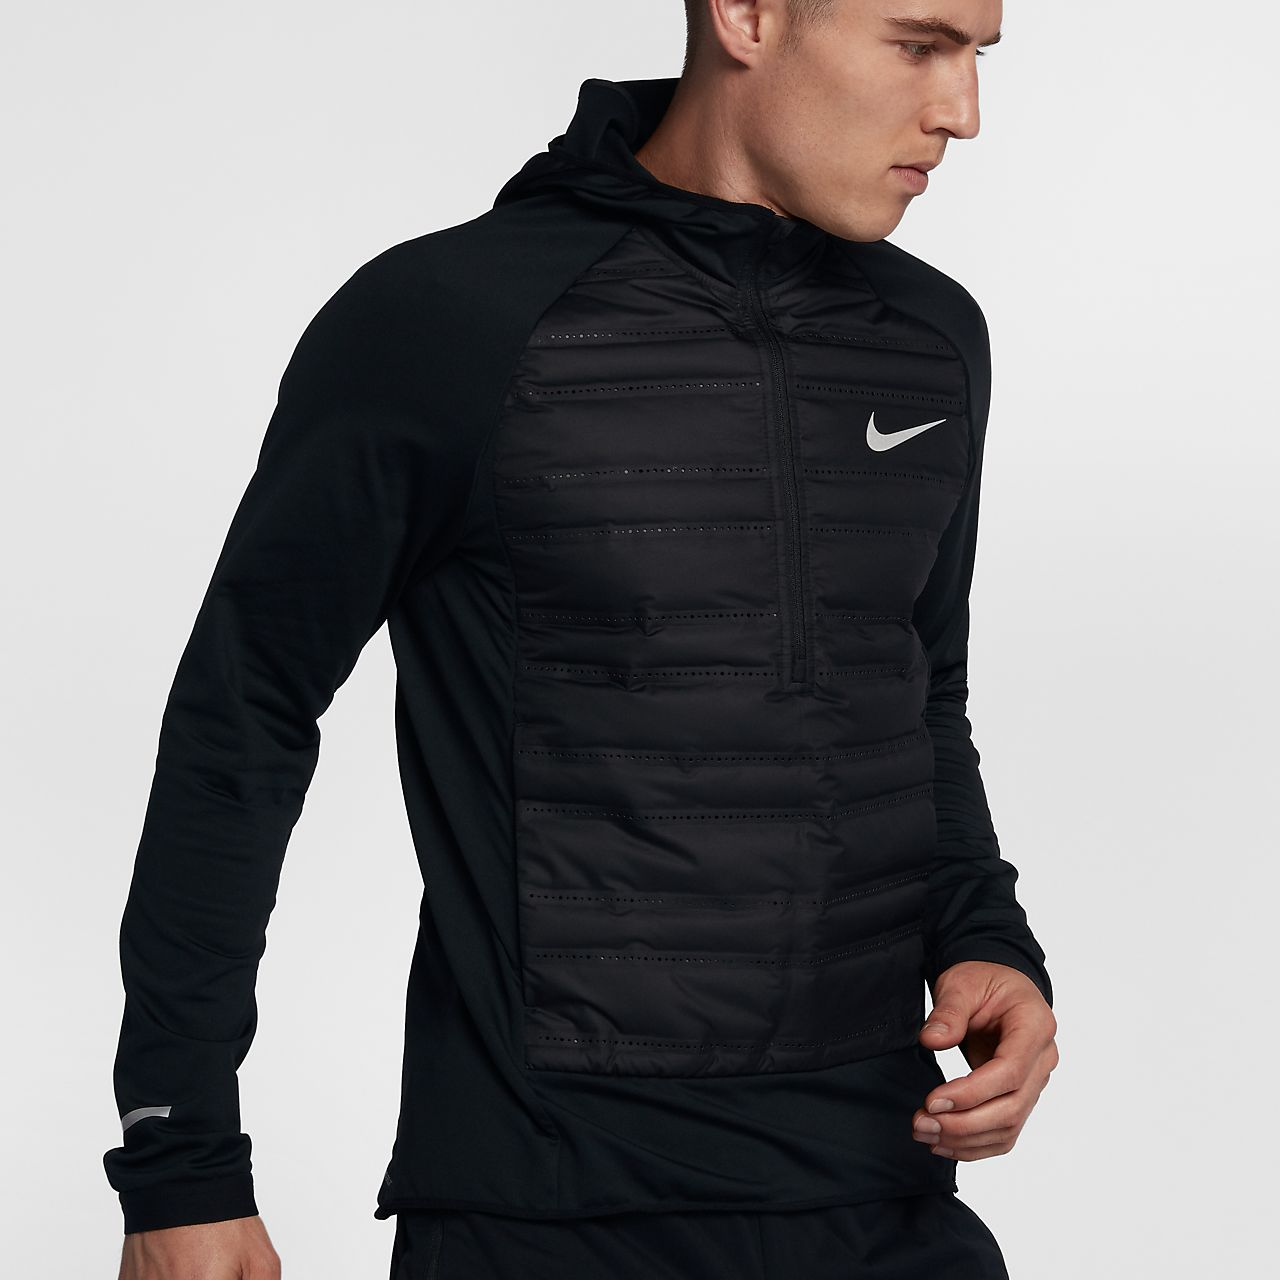 Nike Haut de runningà manches longues AeroLoft pour Homme 55ibbHf